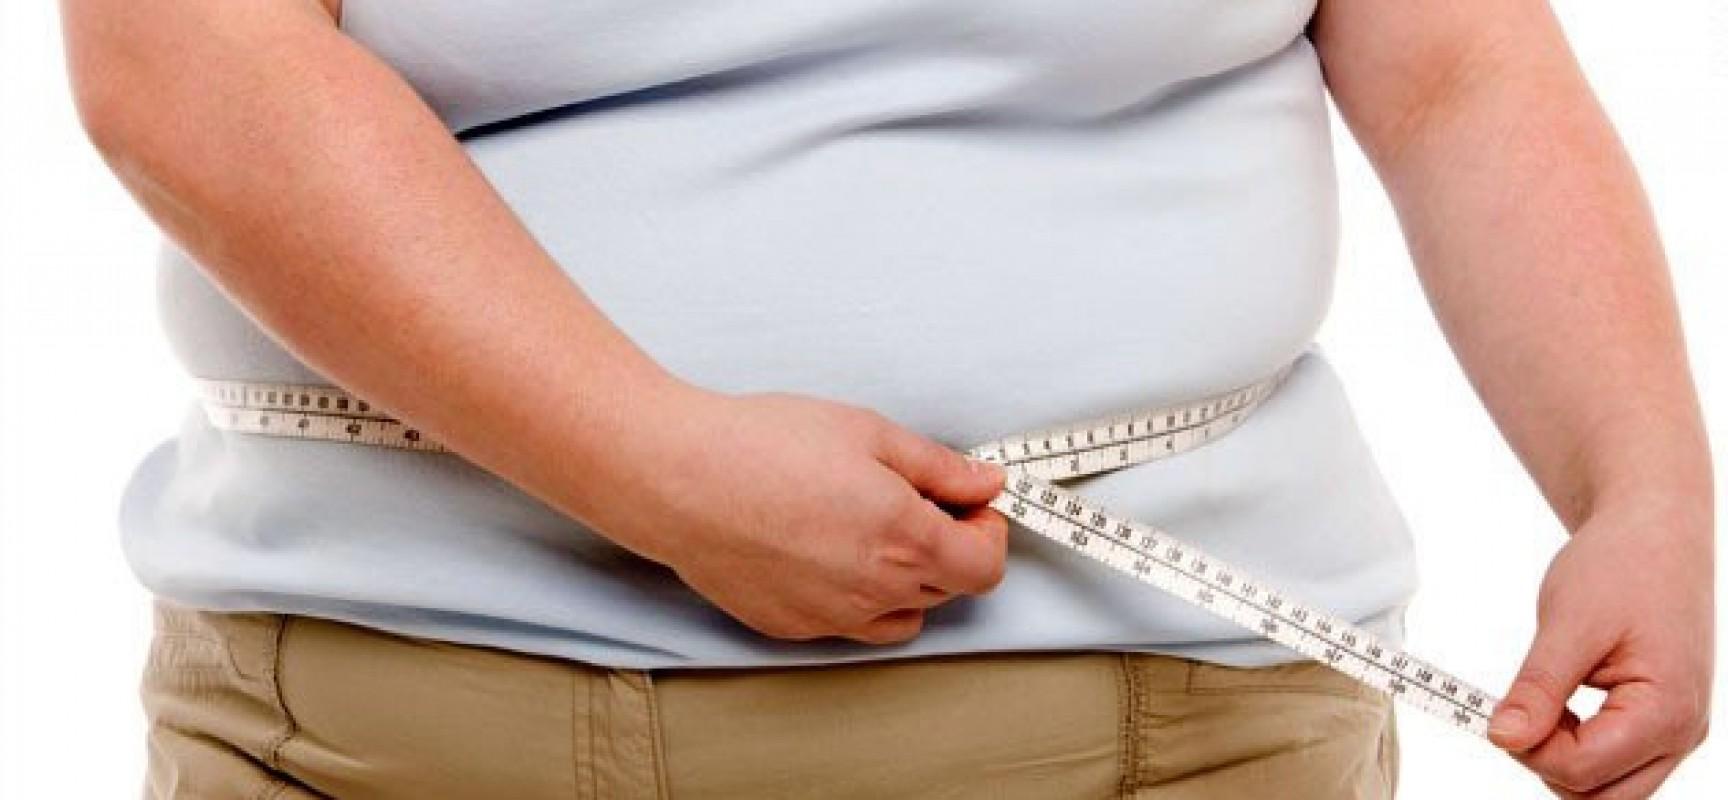 Vinculan el sobrepeso al riesgo de incontinencia urinaria en mujeres